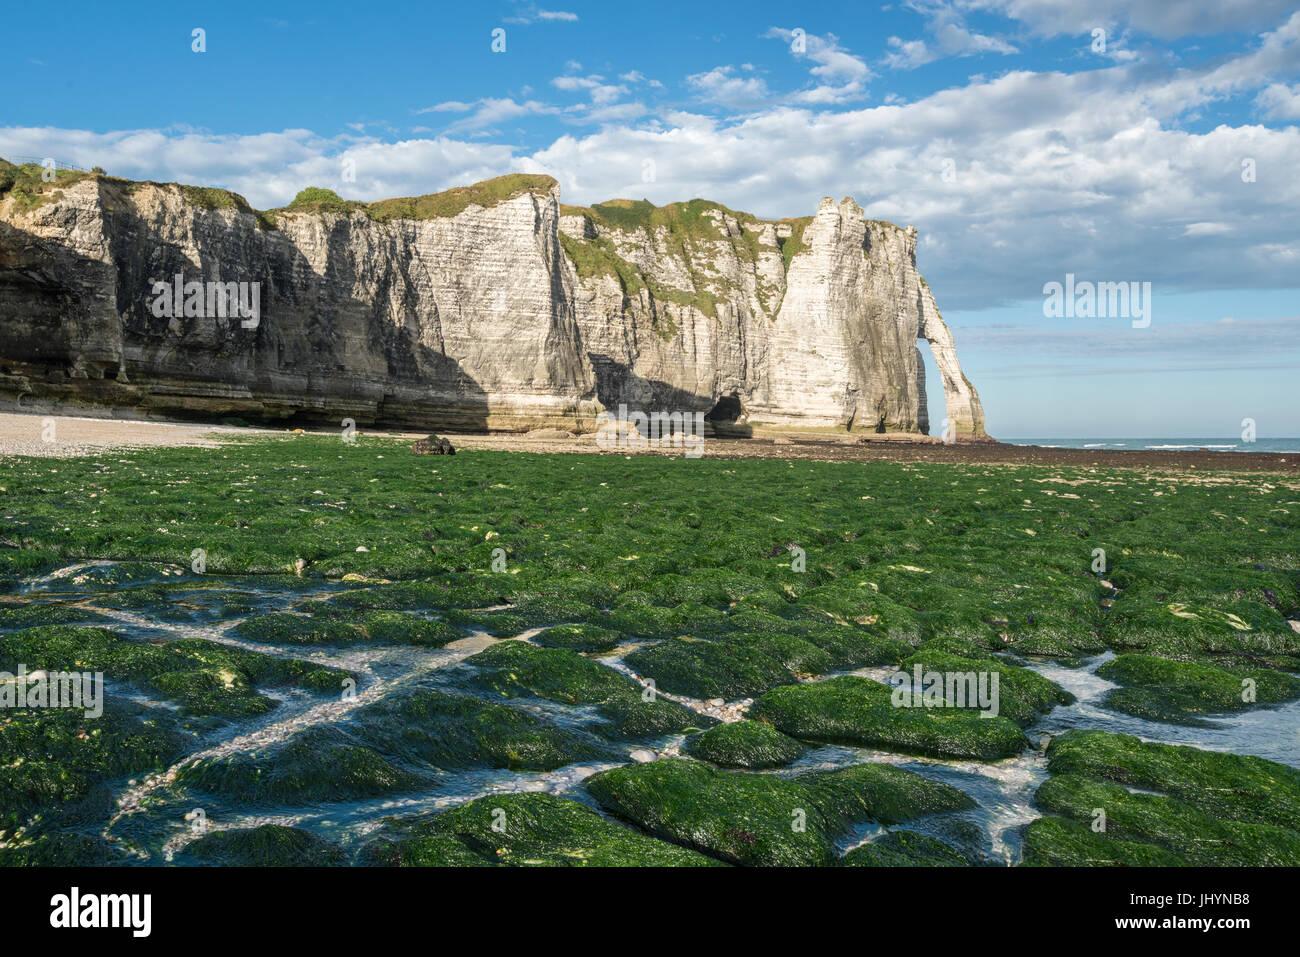 Porte d'aval con marea baja y algas en la Playa Etretat, Normandía, Francia, Europa Foto de stock